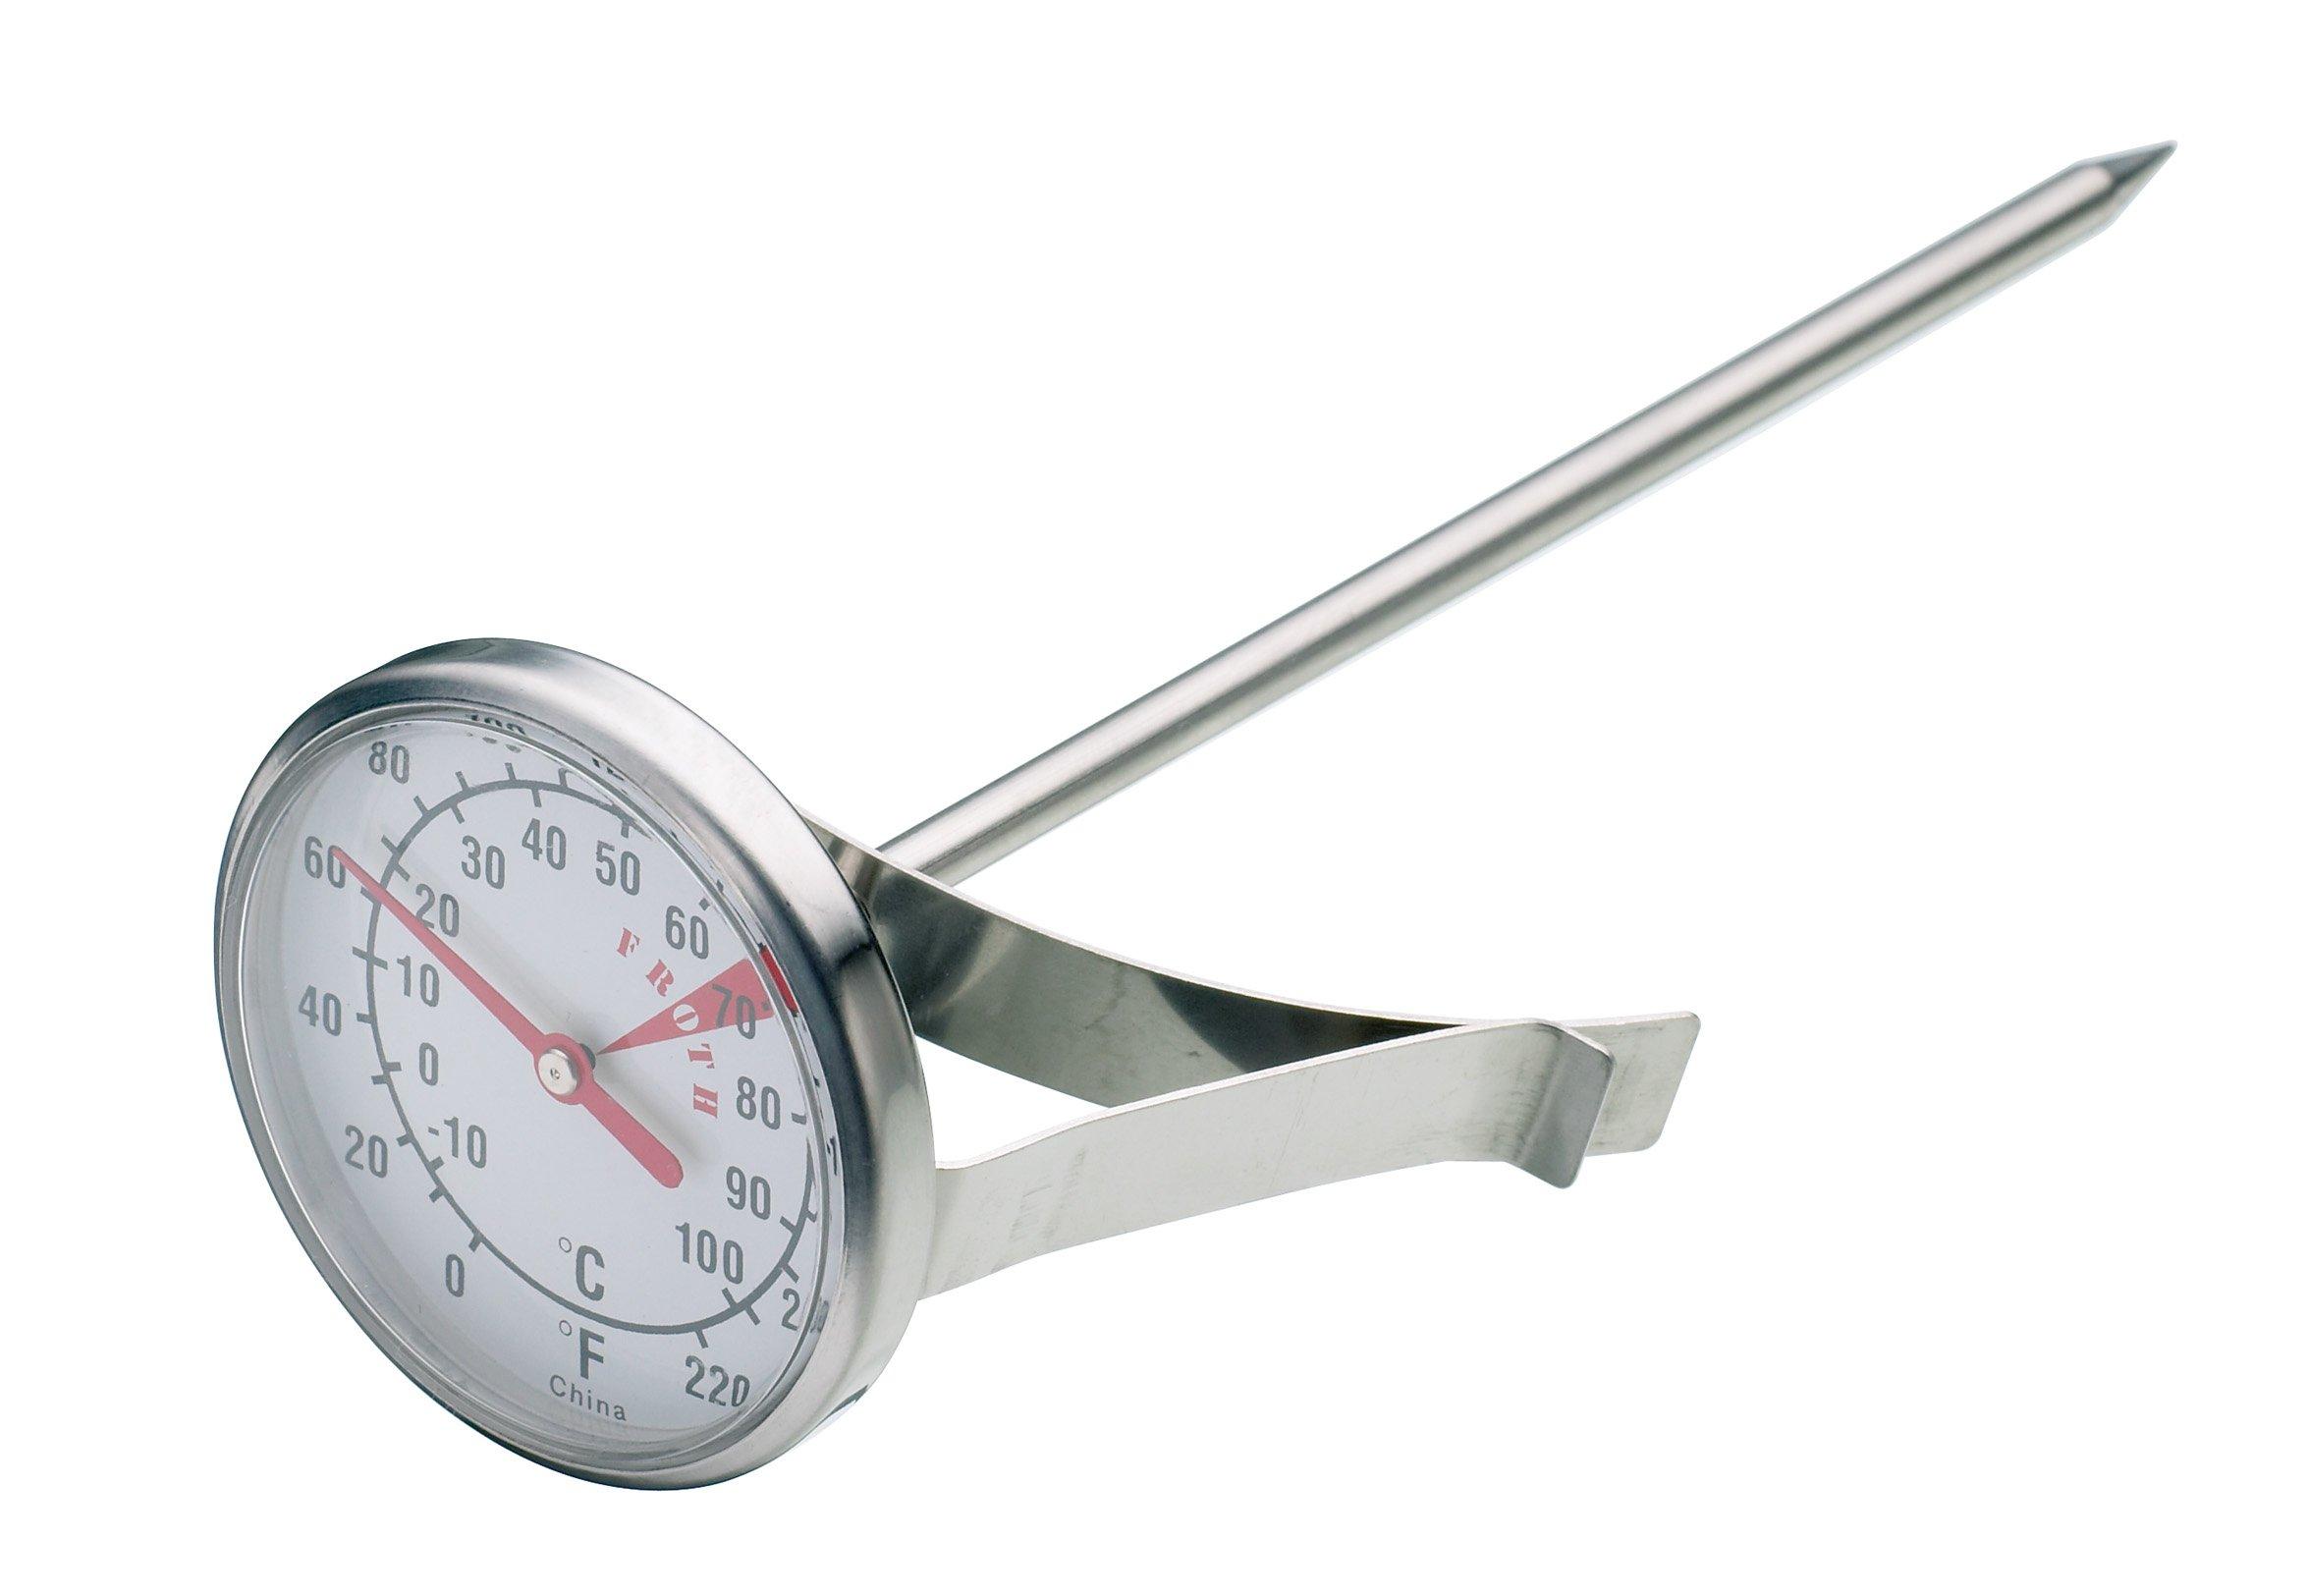 100% Vrai Kitchen Craft Acier Inoxydable Lait Moussant Pour Thermomètre-afficher Le Titre D'origine Sang Nourrissant Et Esprit RéGulateur